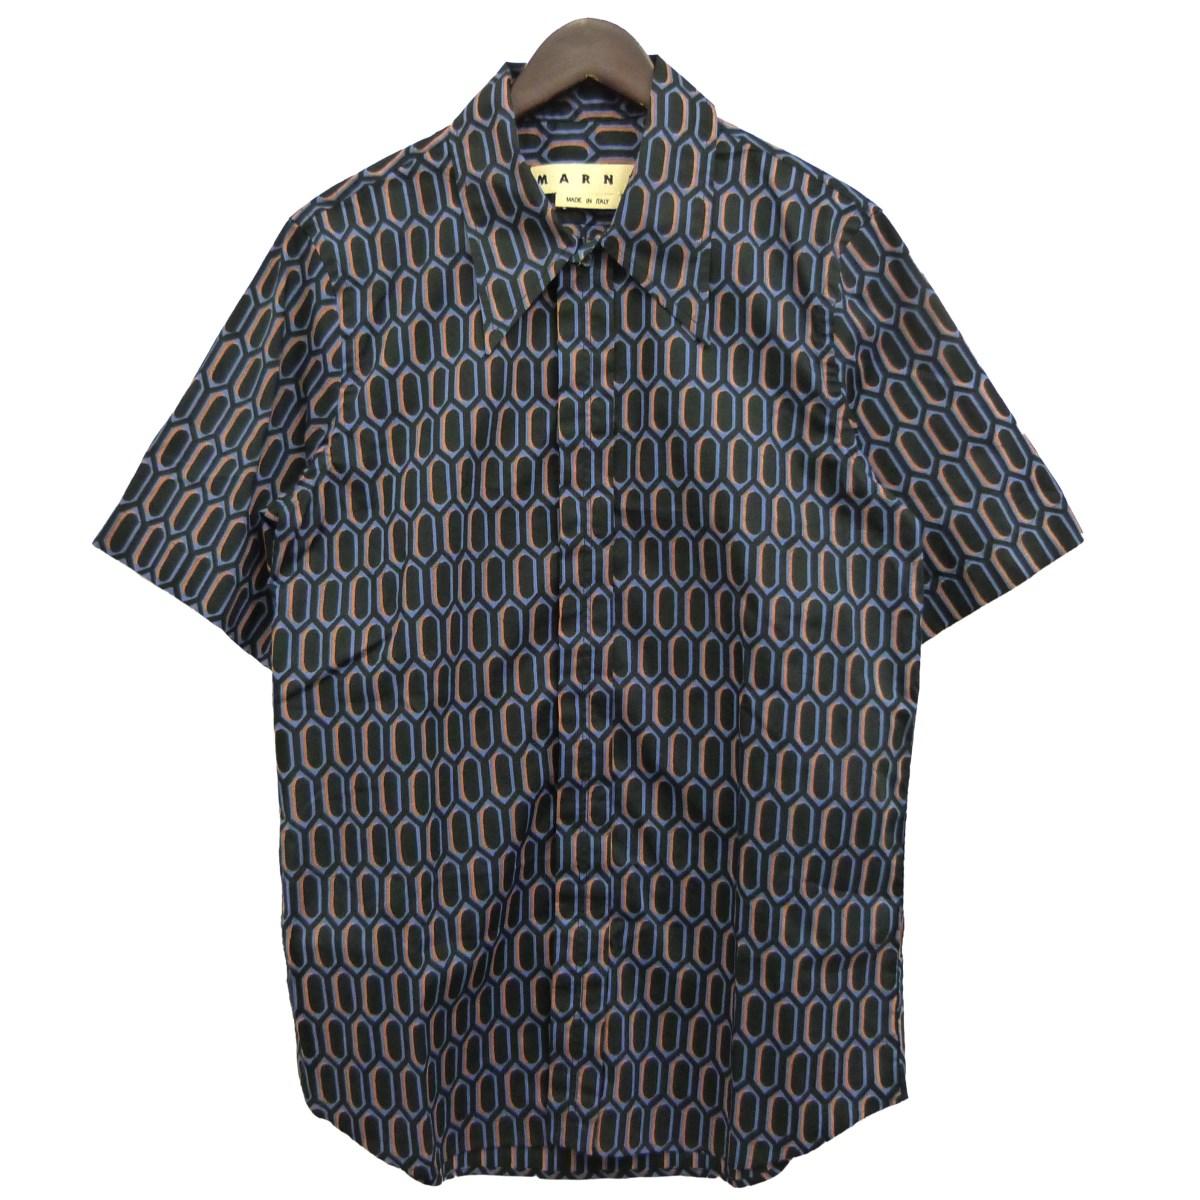 【中古】MARNI 16SS半袖プリントシャツ ブラック×パープル サイズ:46 【090620】(マルニ)